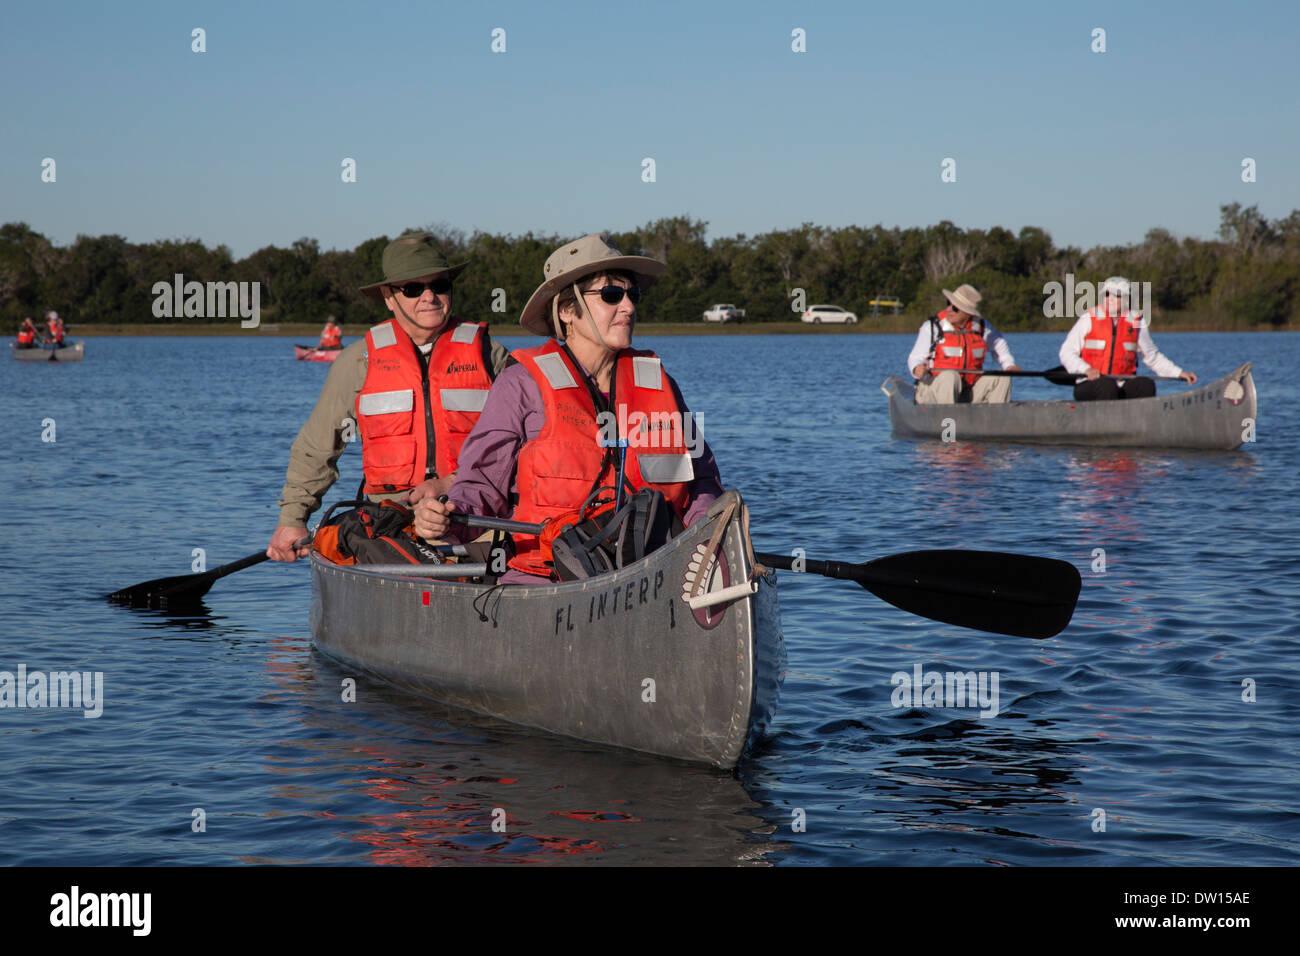 El Parque Nacional Everglades, Florida - Visitantes remar canoas en un viaje dirigido por un guardaparques. Imagen De Stock